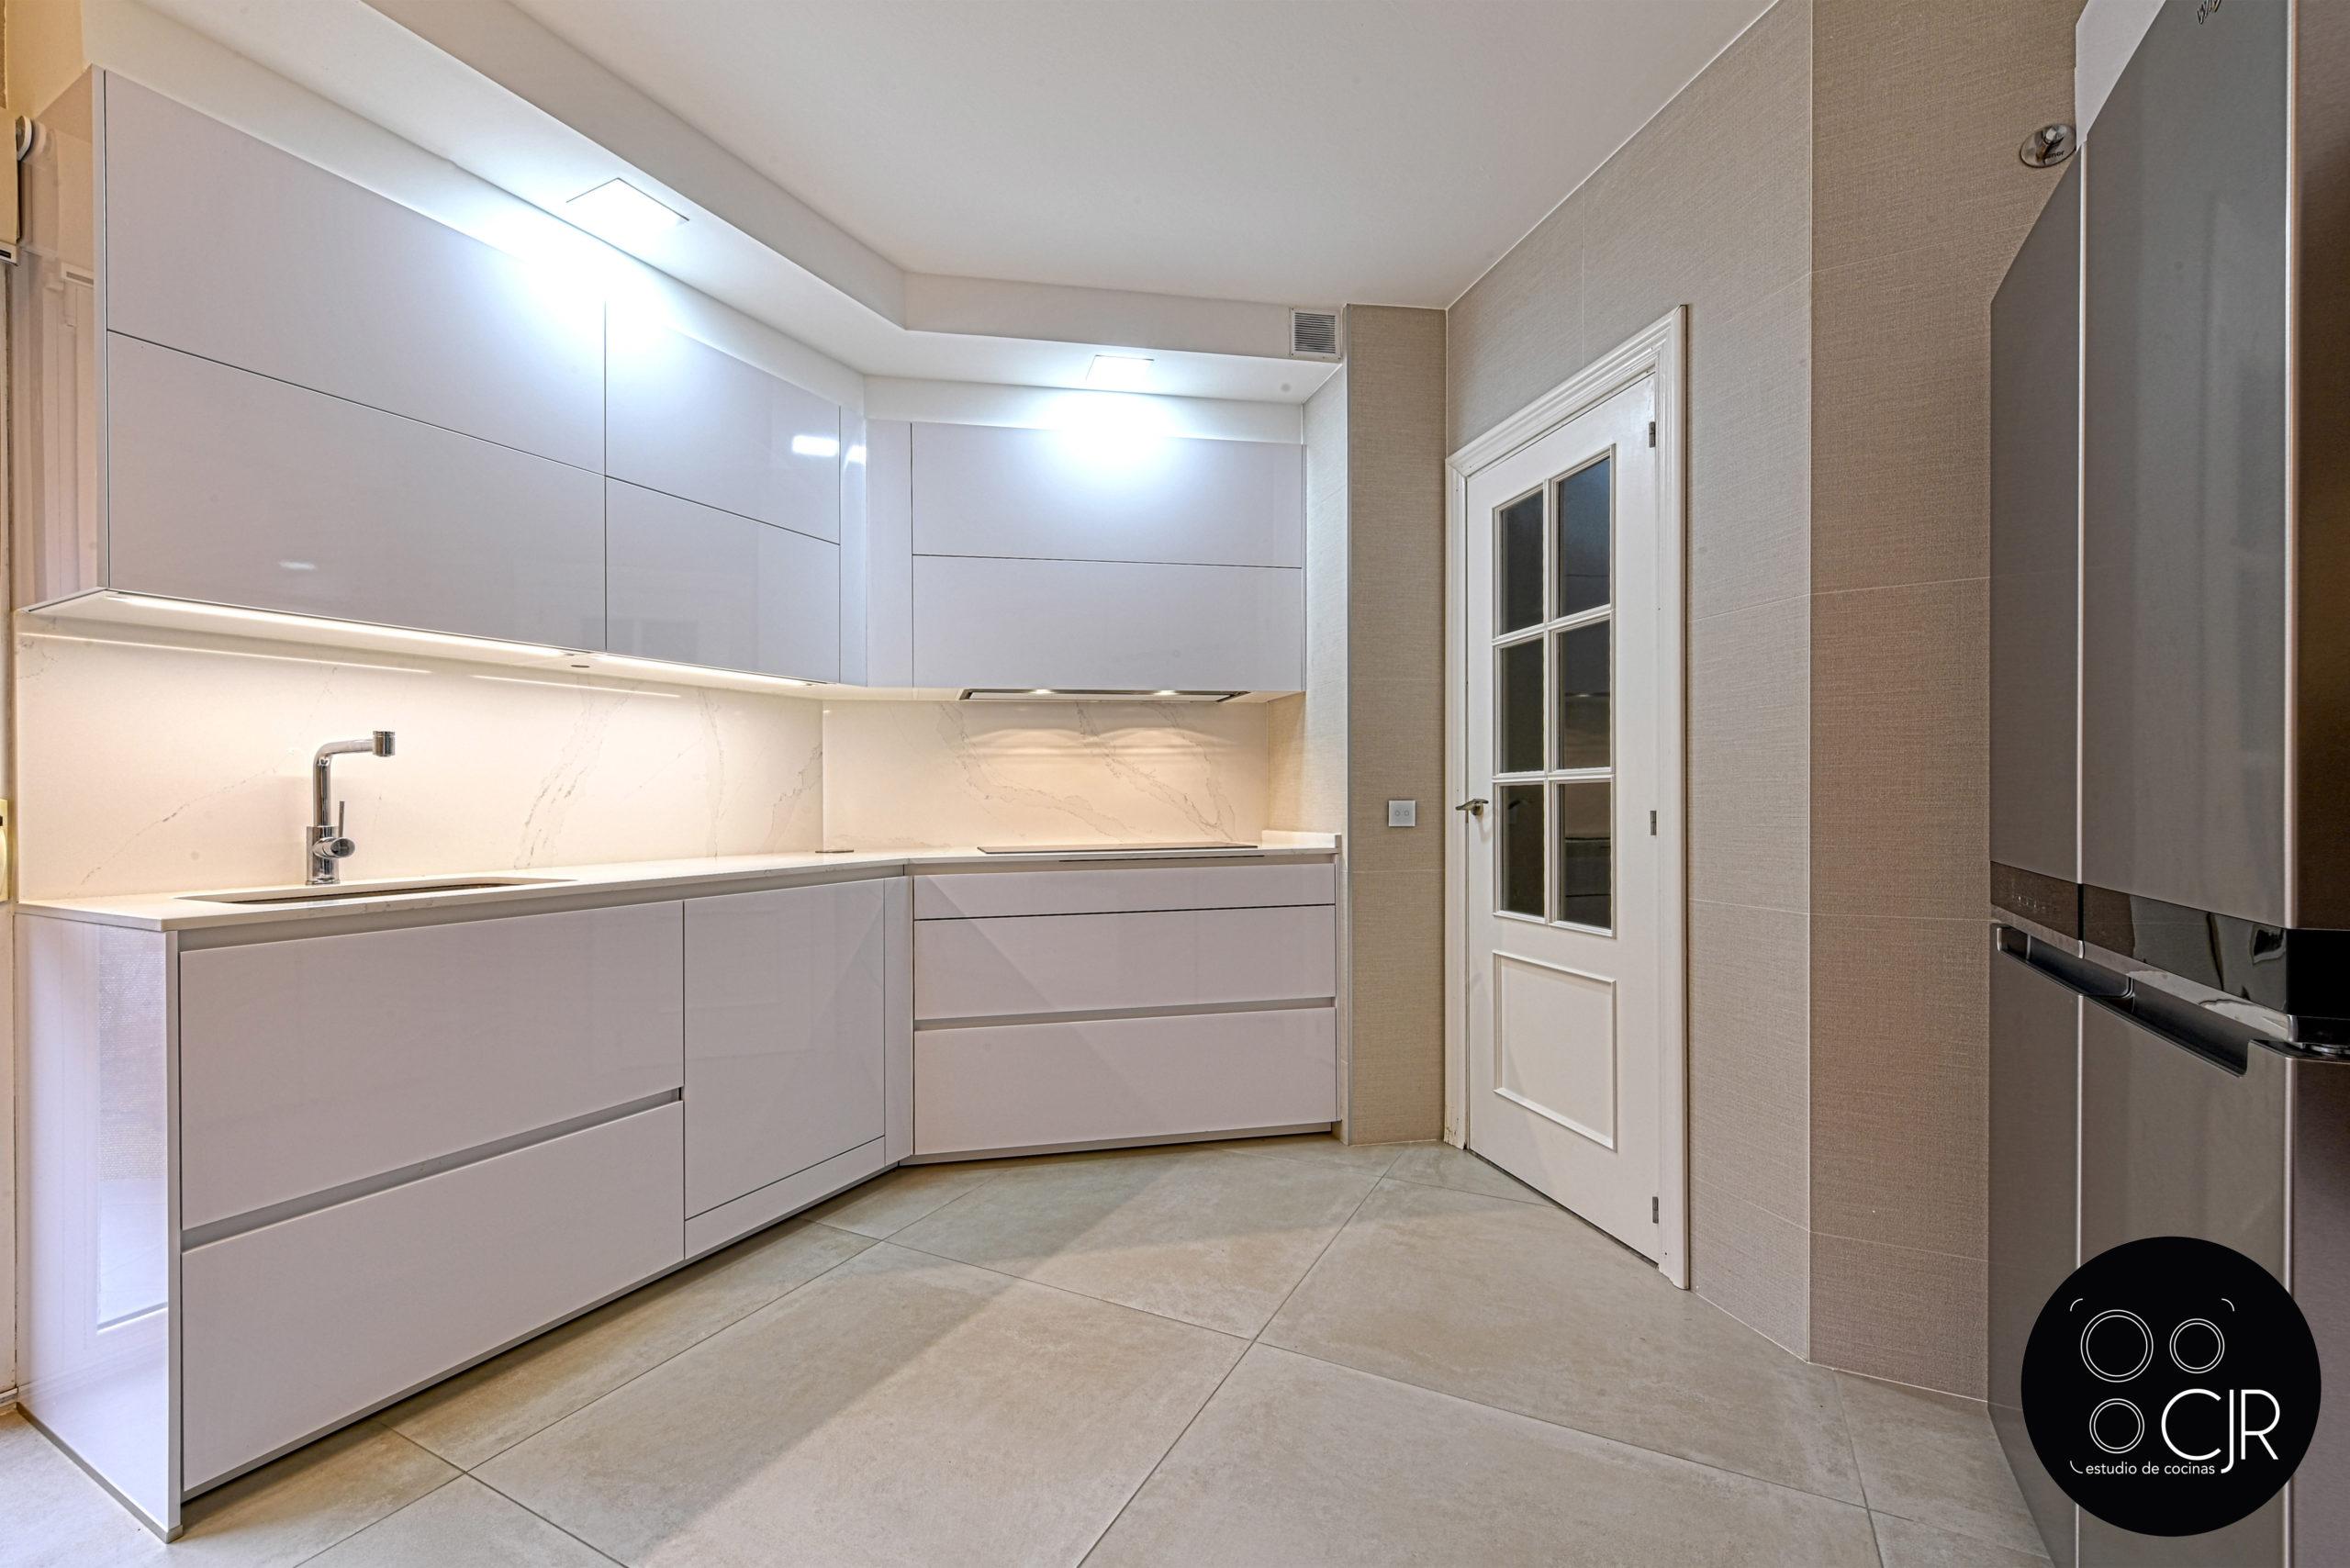 Encimera de cocina blanca y madera